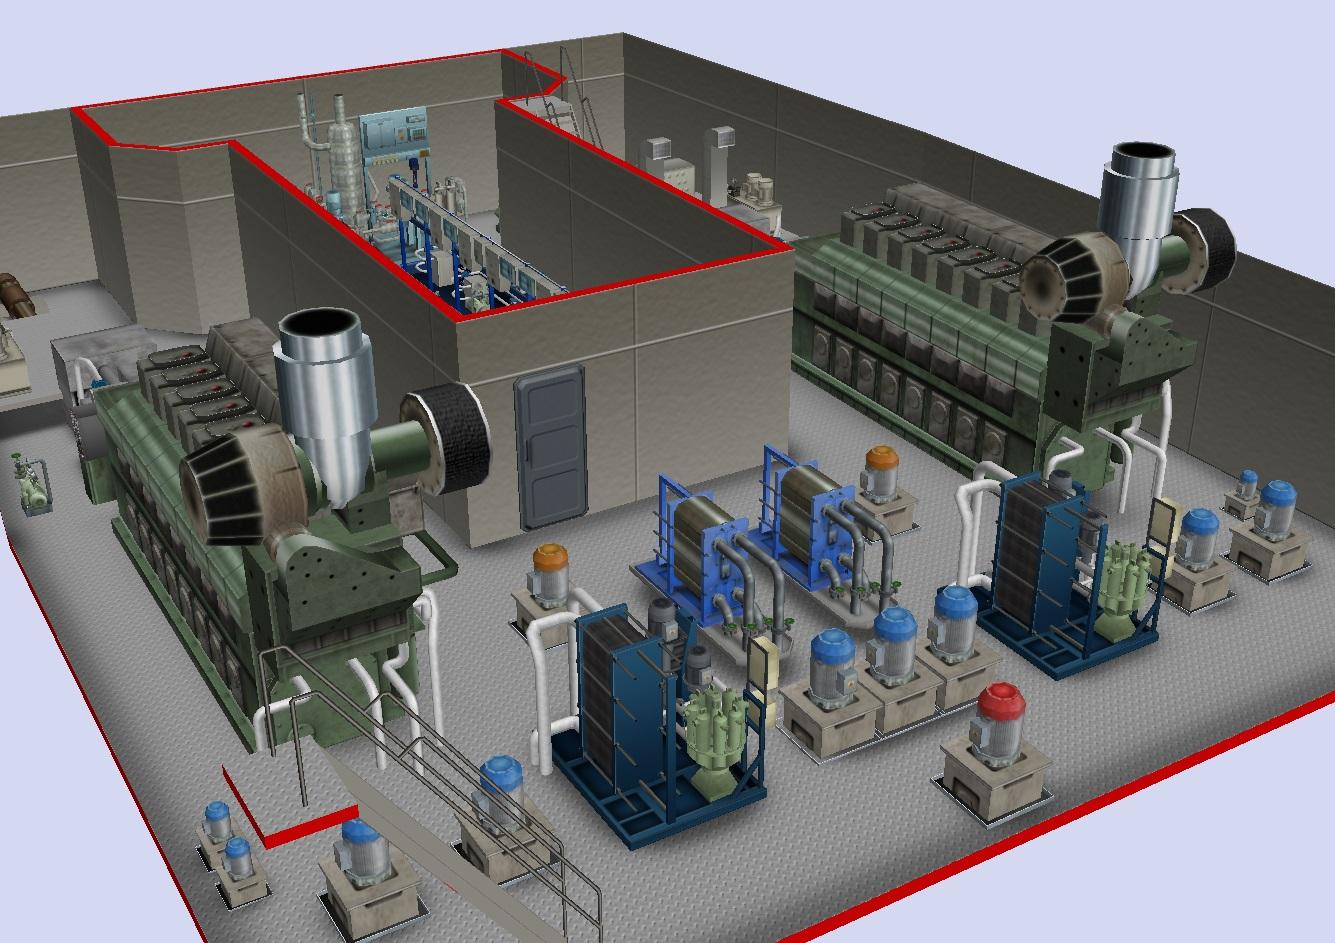 Extrait du simulateur machine Transas : visualisation en 3D de la salle des machines d'un ferry équipé de deux moteurs Diesel suralimentés à 8 cylindres en ligne.